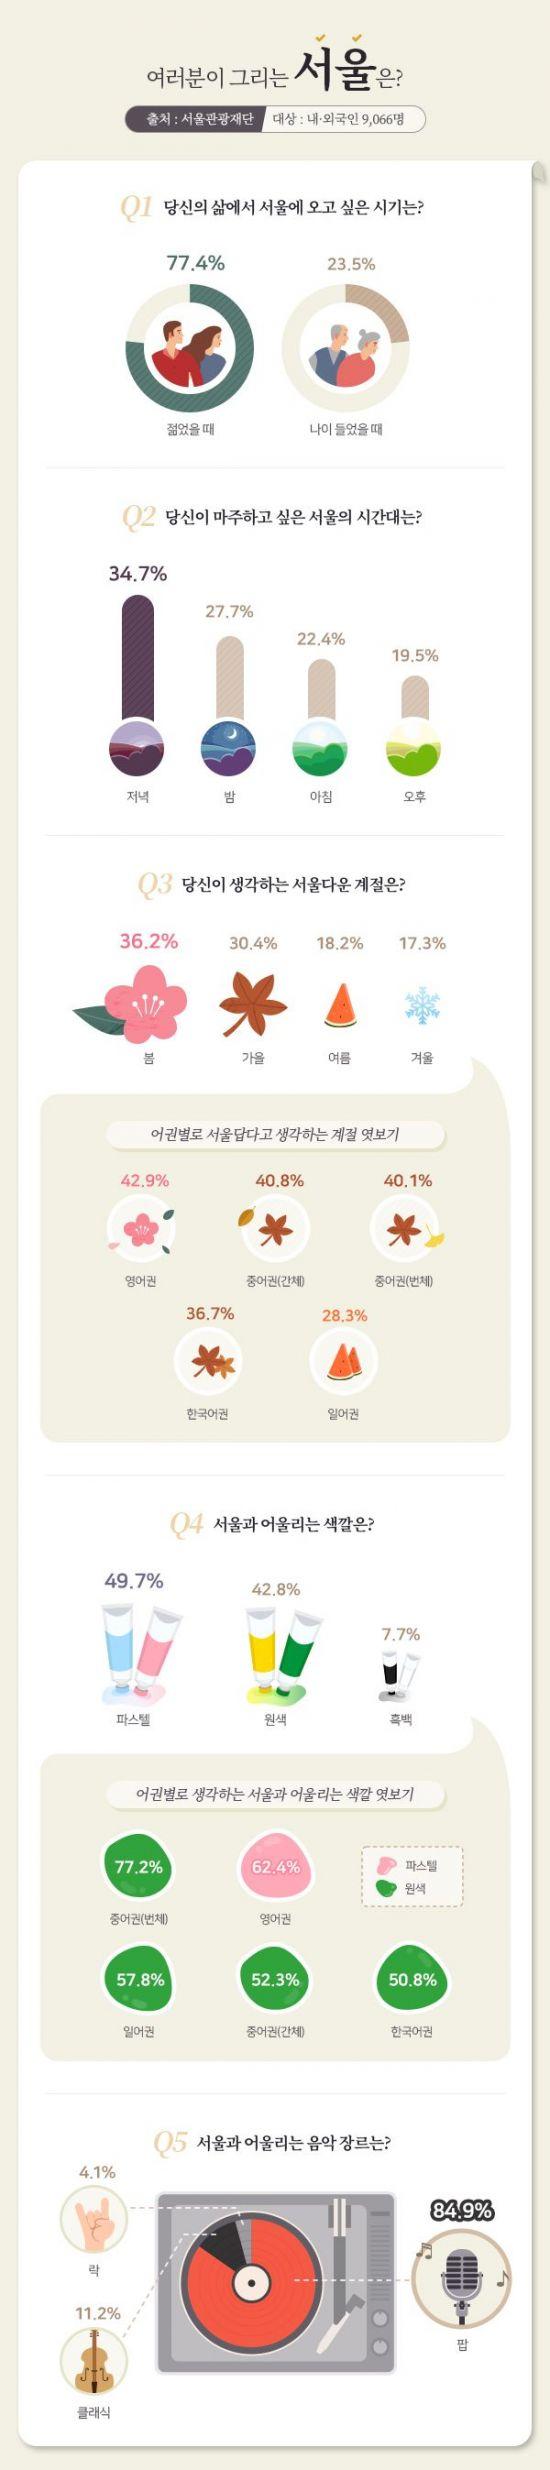 서울관광재단 서울 이미지 설문조사 결과.